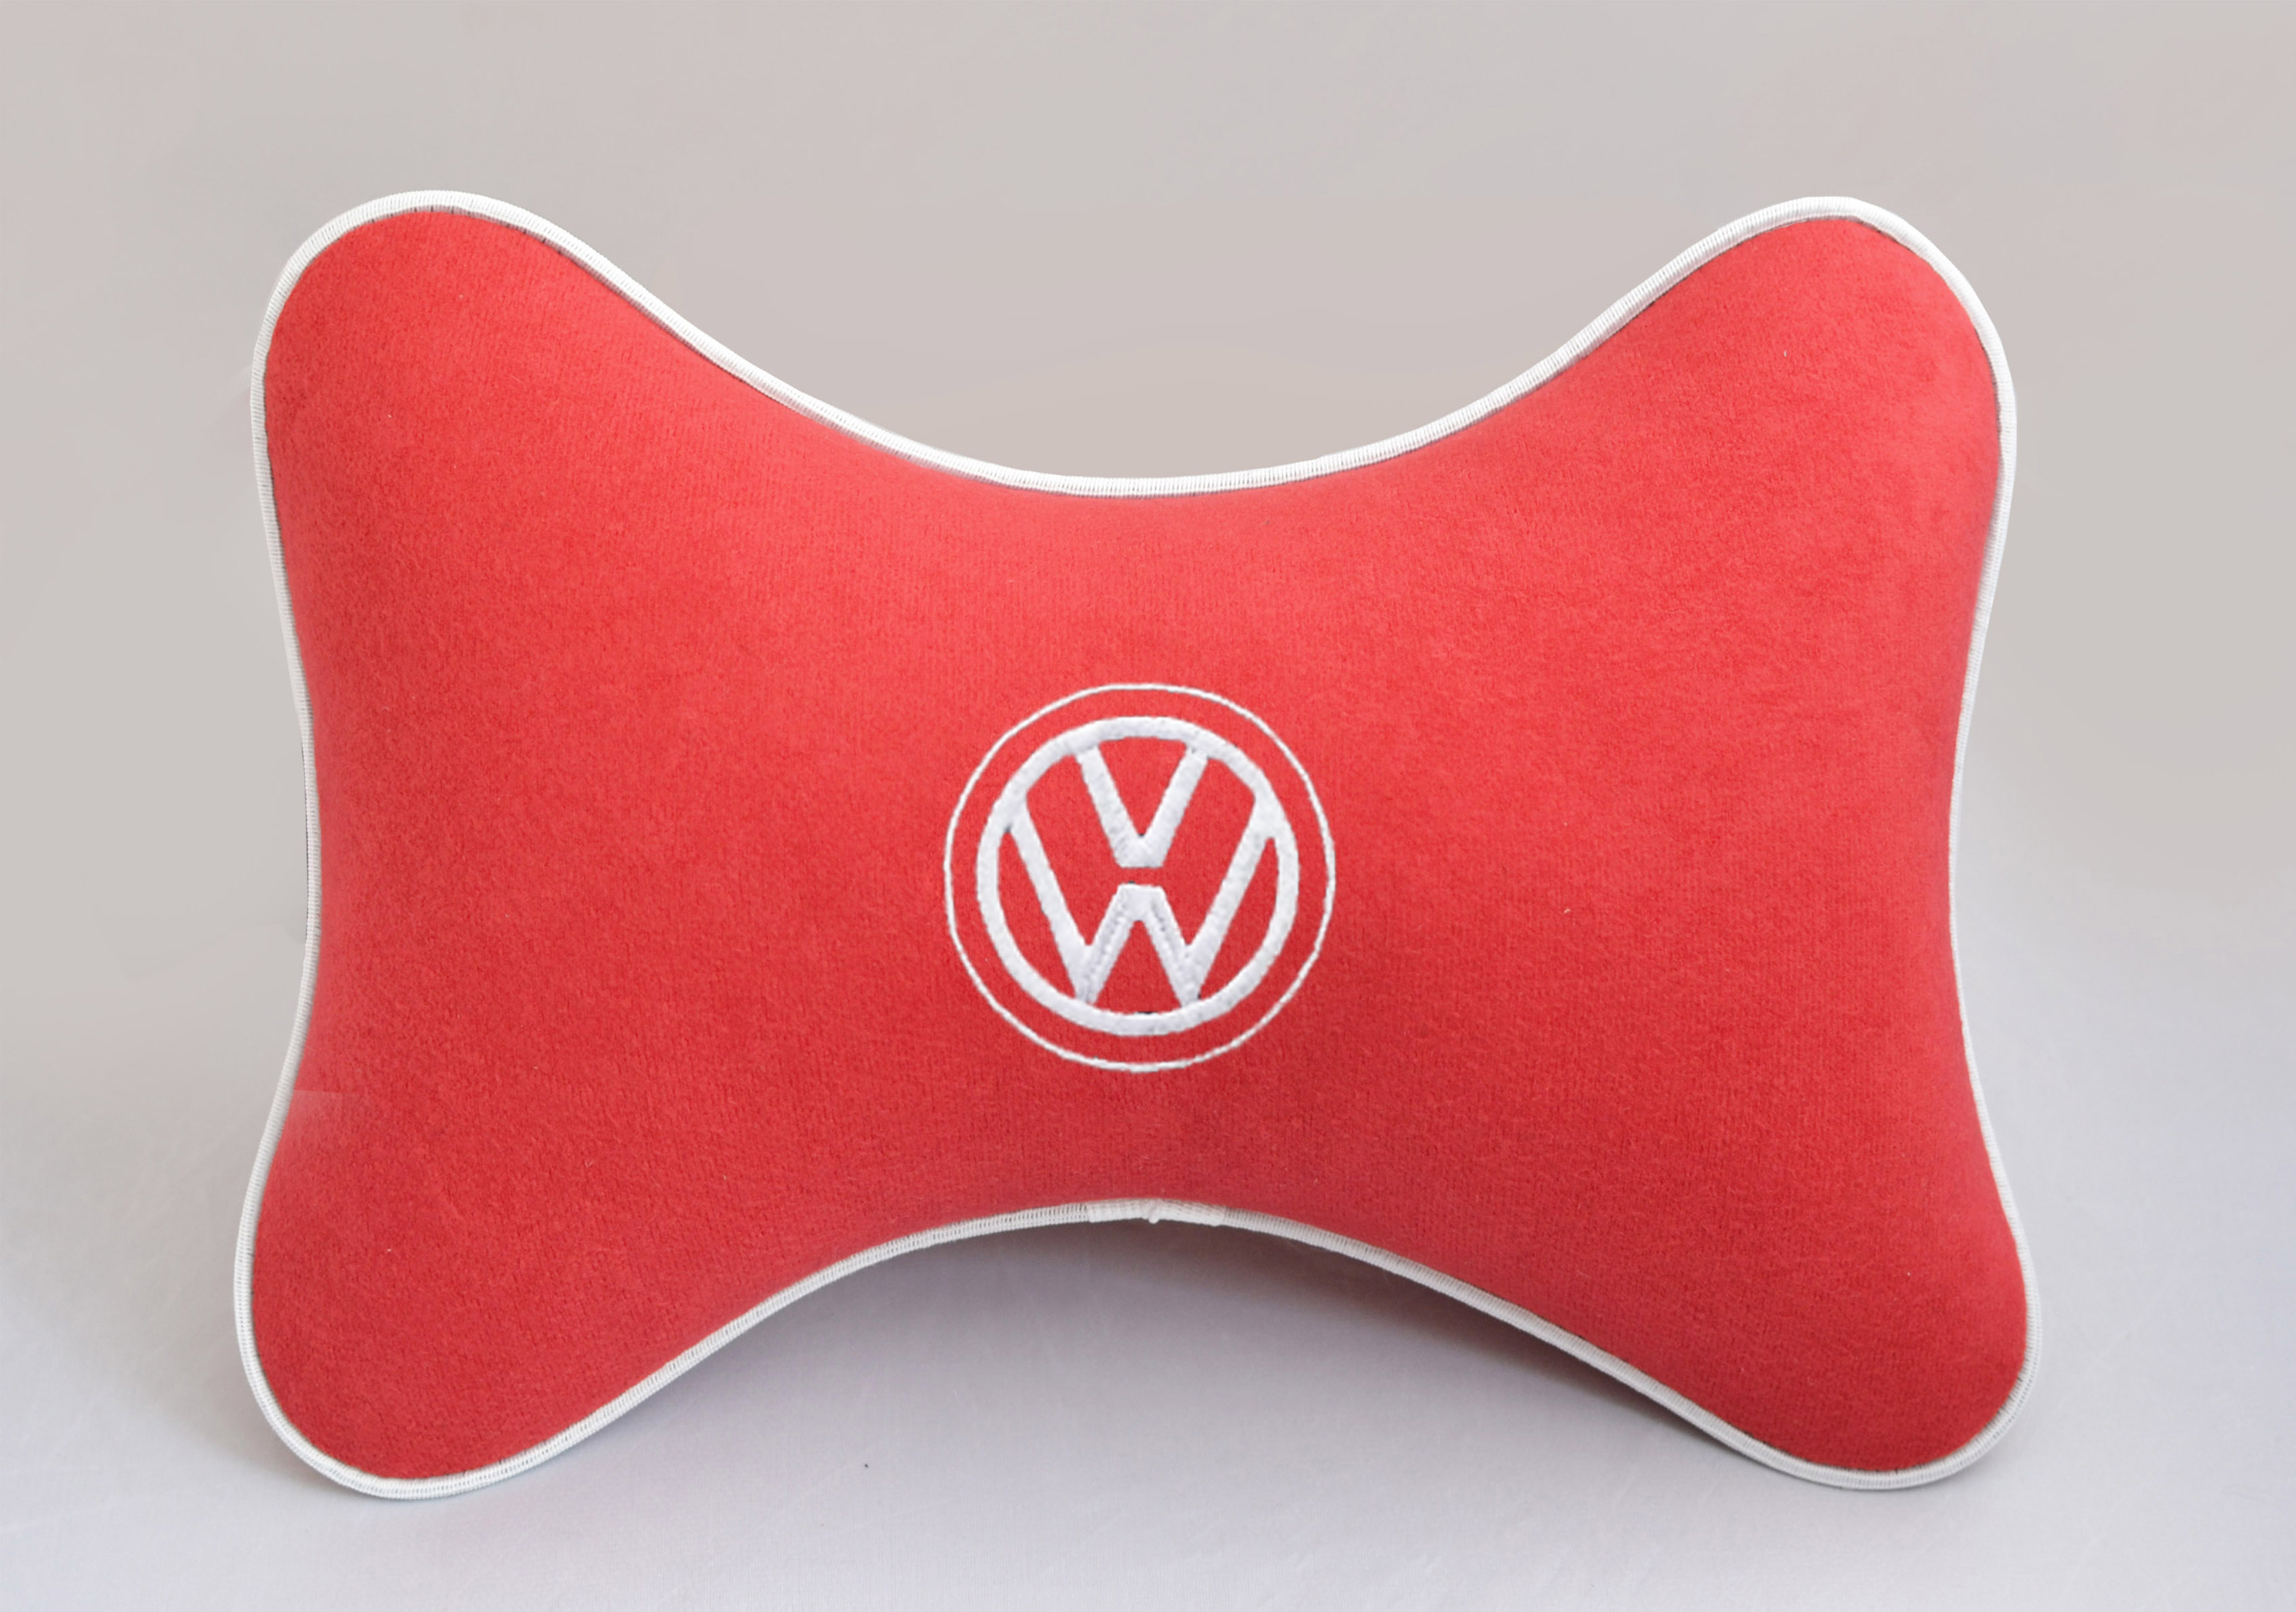 Подушка на подголовник из красного велюра VOLKSWAGEN